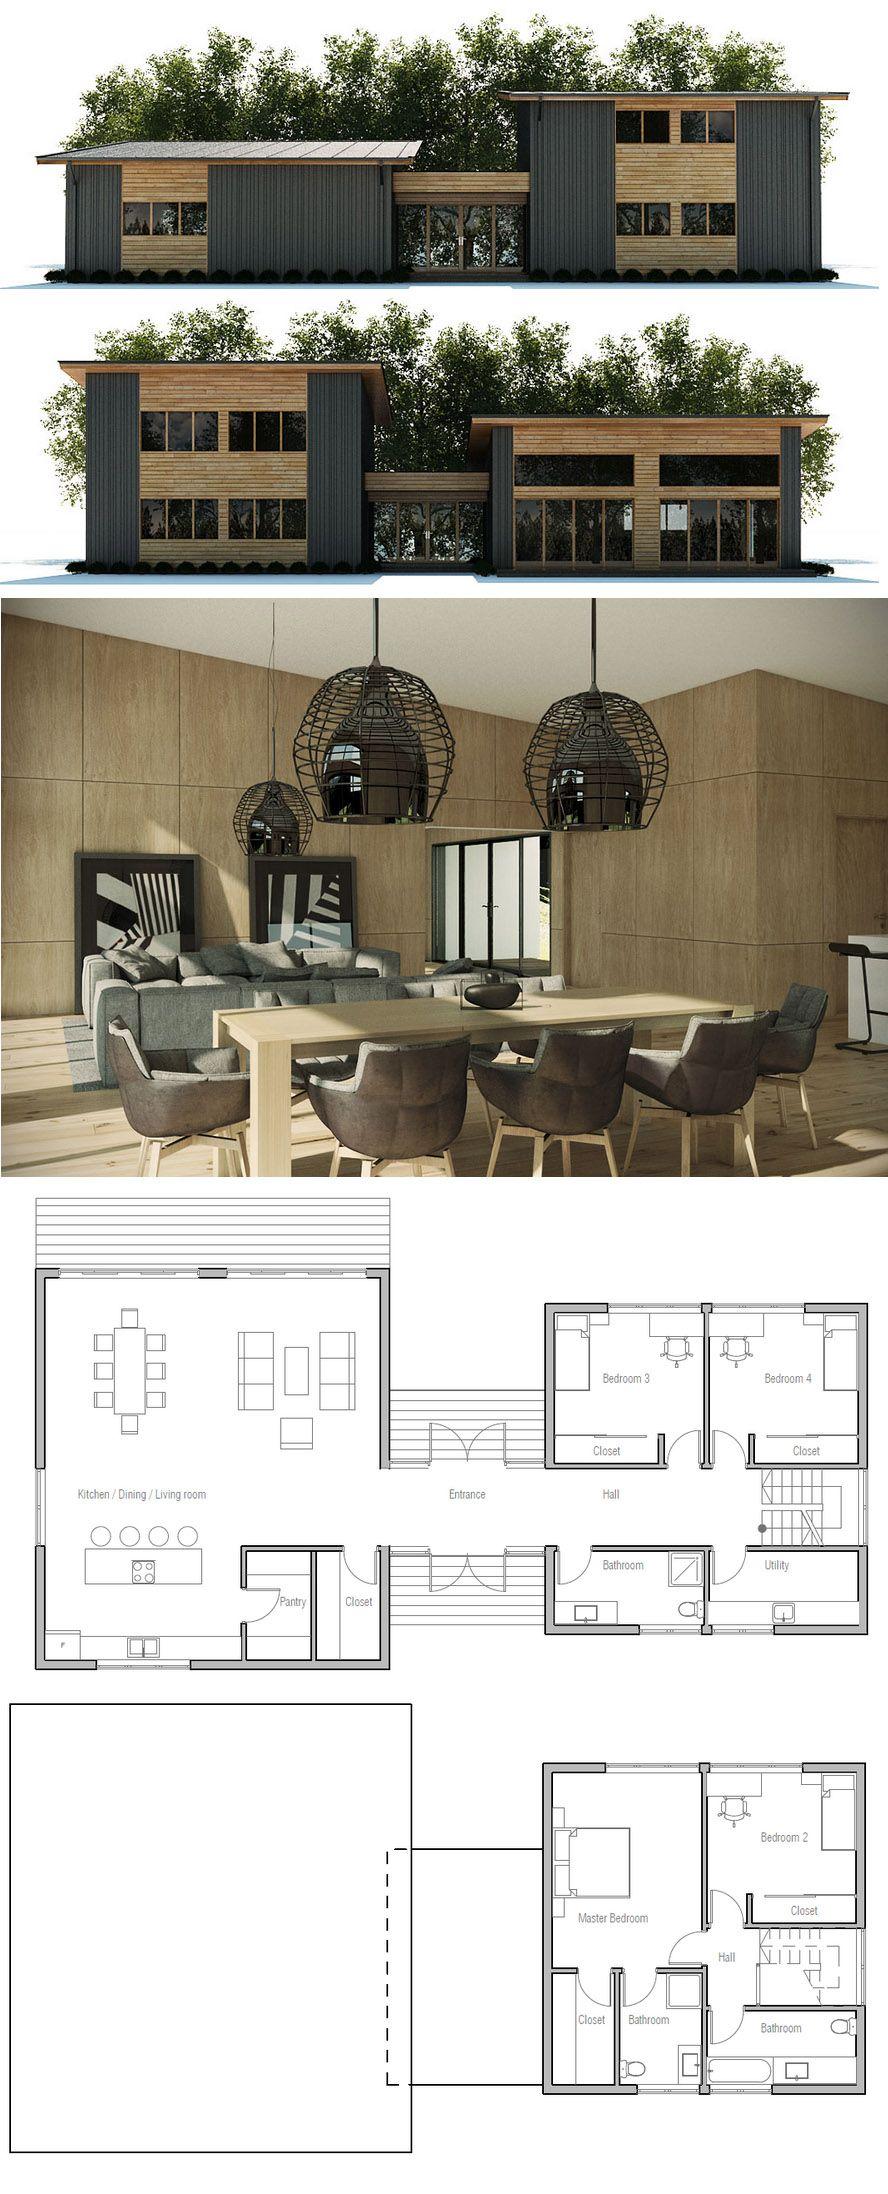 Modern home plans house modernhome modernhomedecor moderninteriordesign also rh pinterest